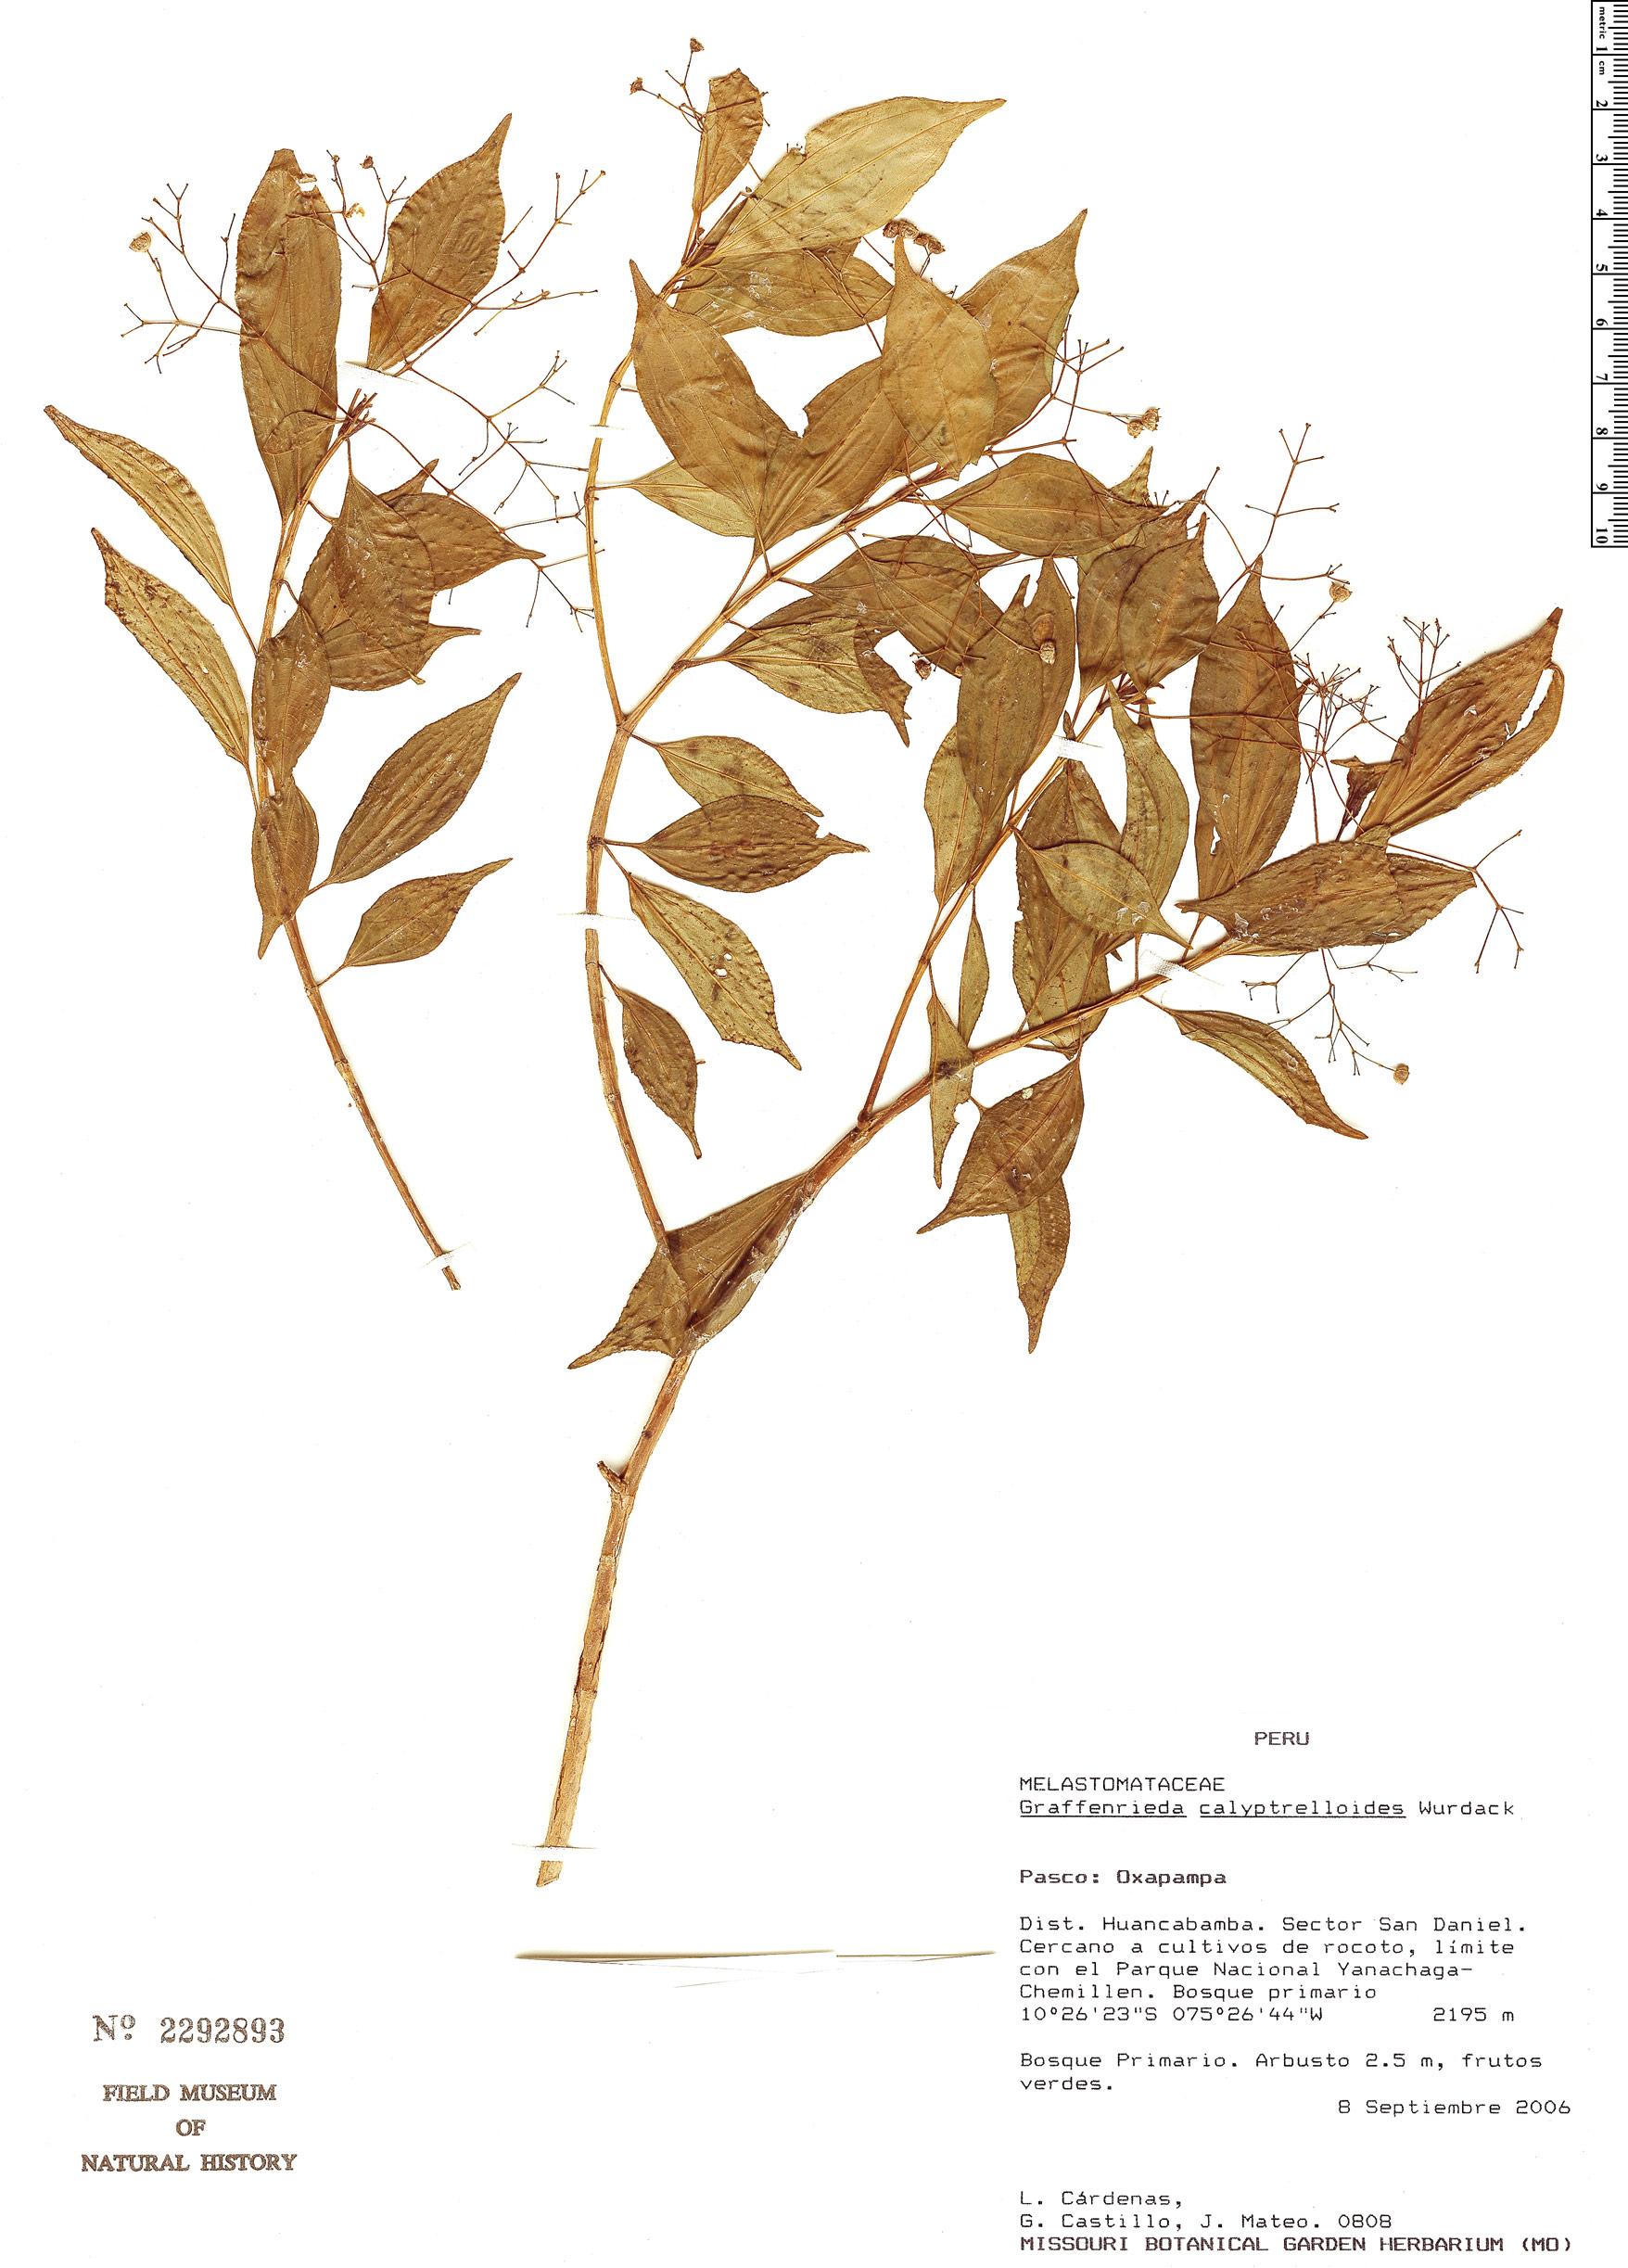 Specimen: Graffenrieda calyptrelloides